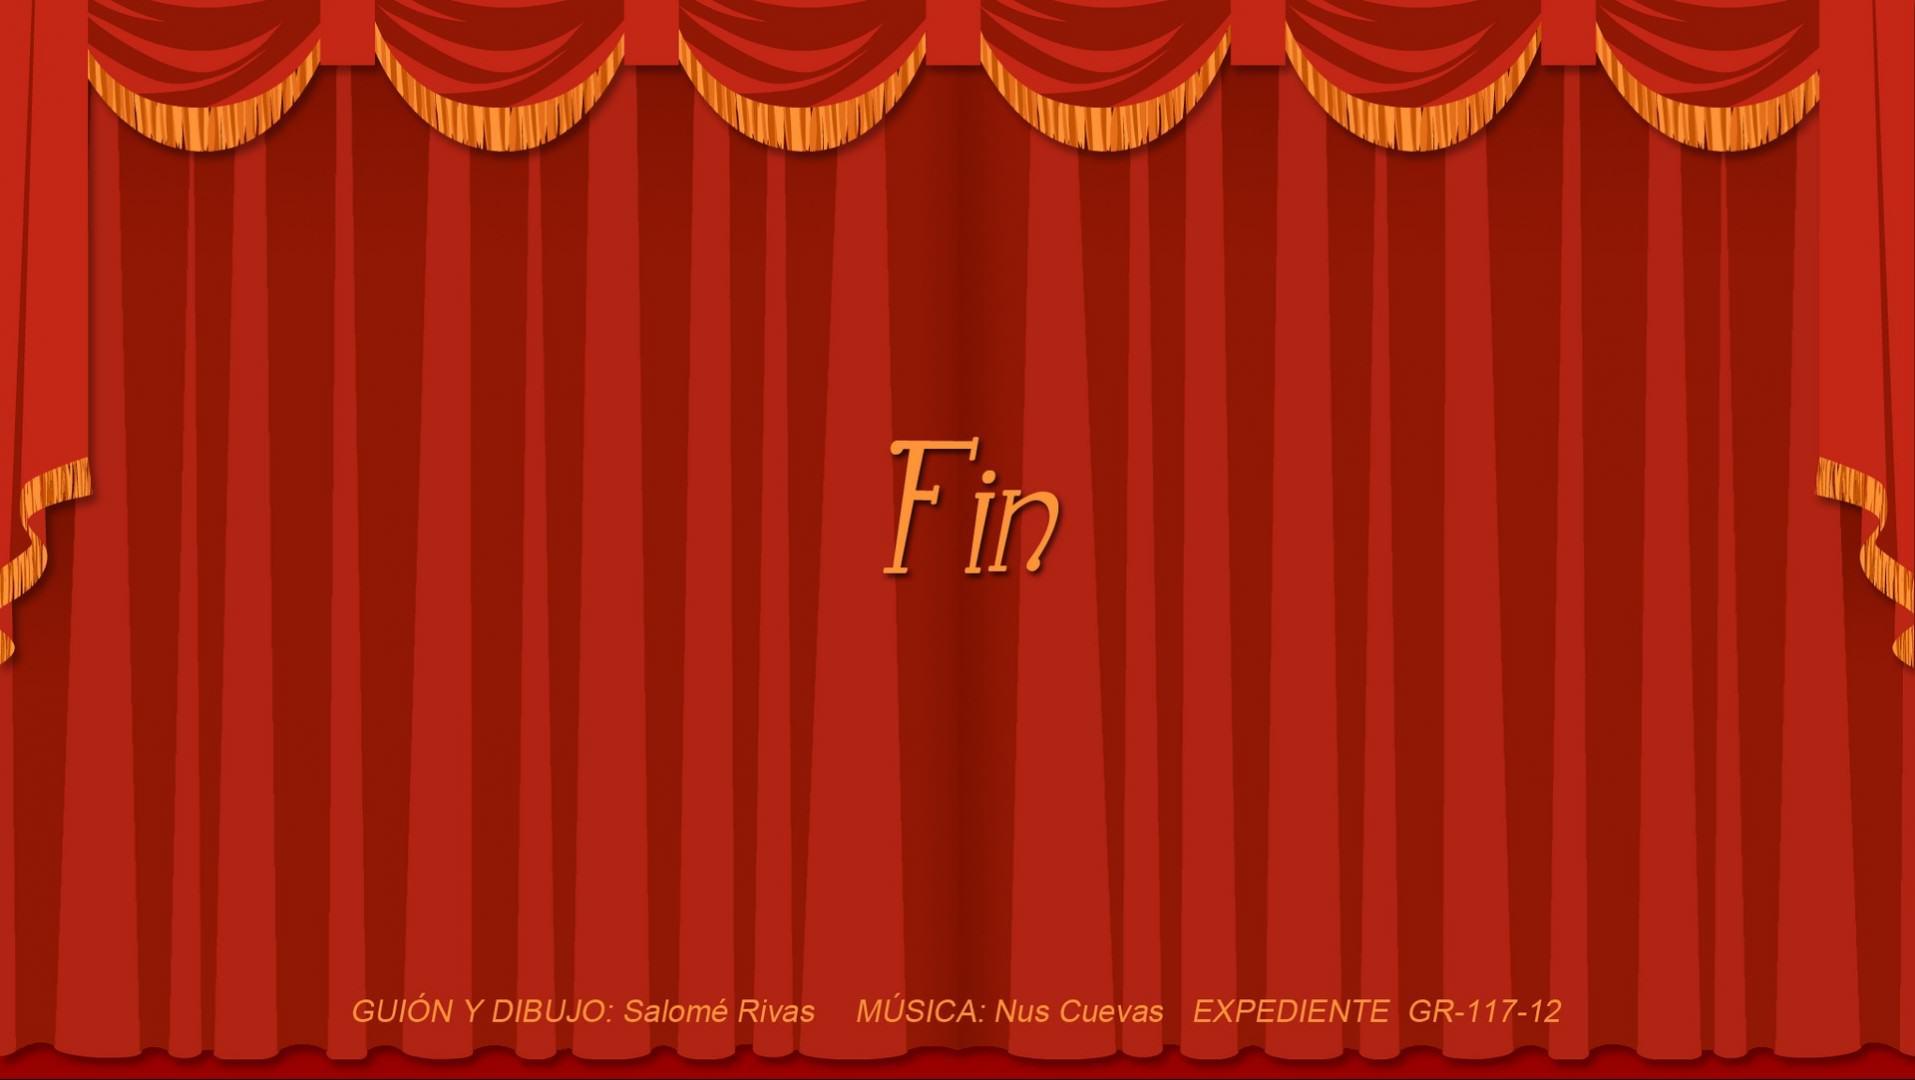 FIN_y_Creditos